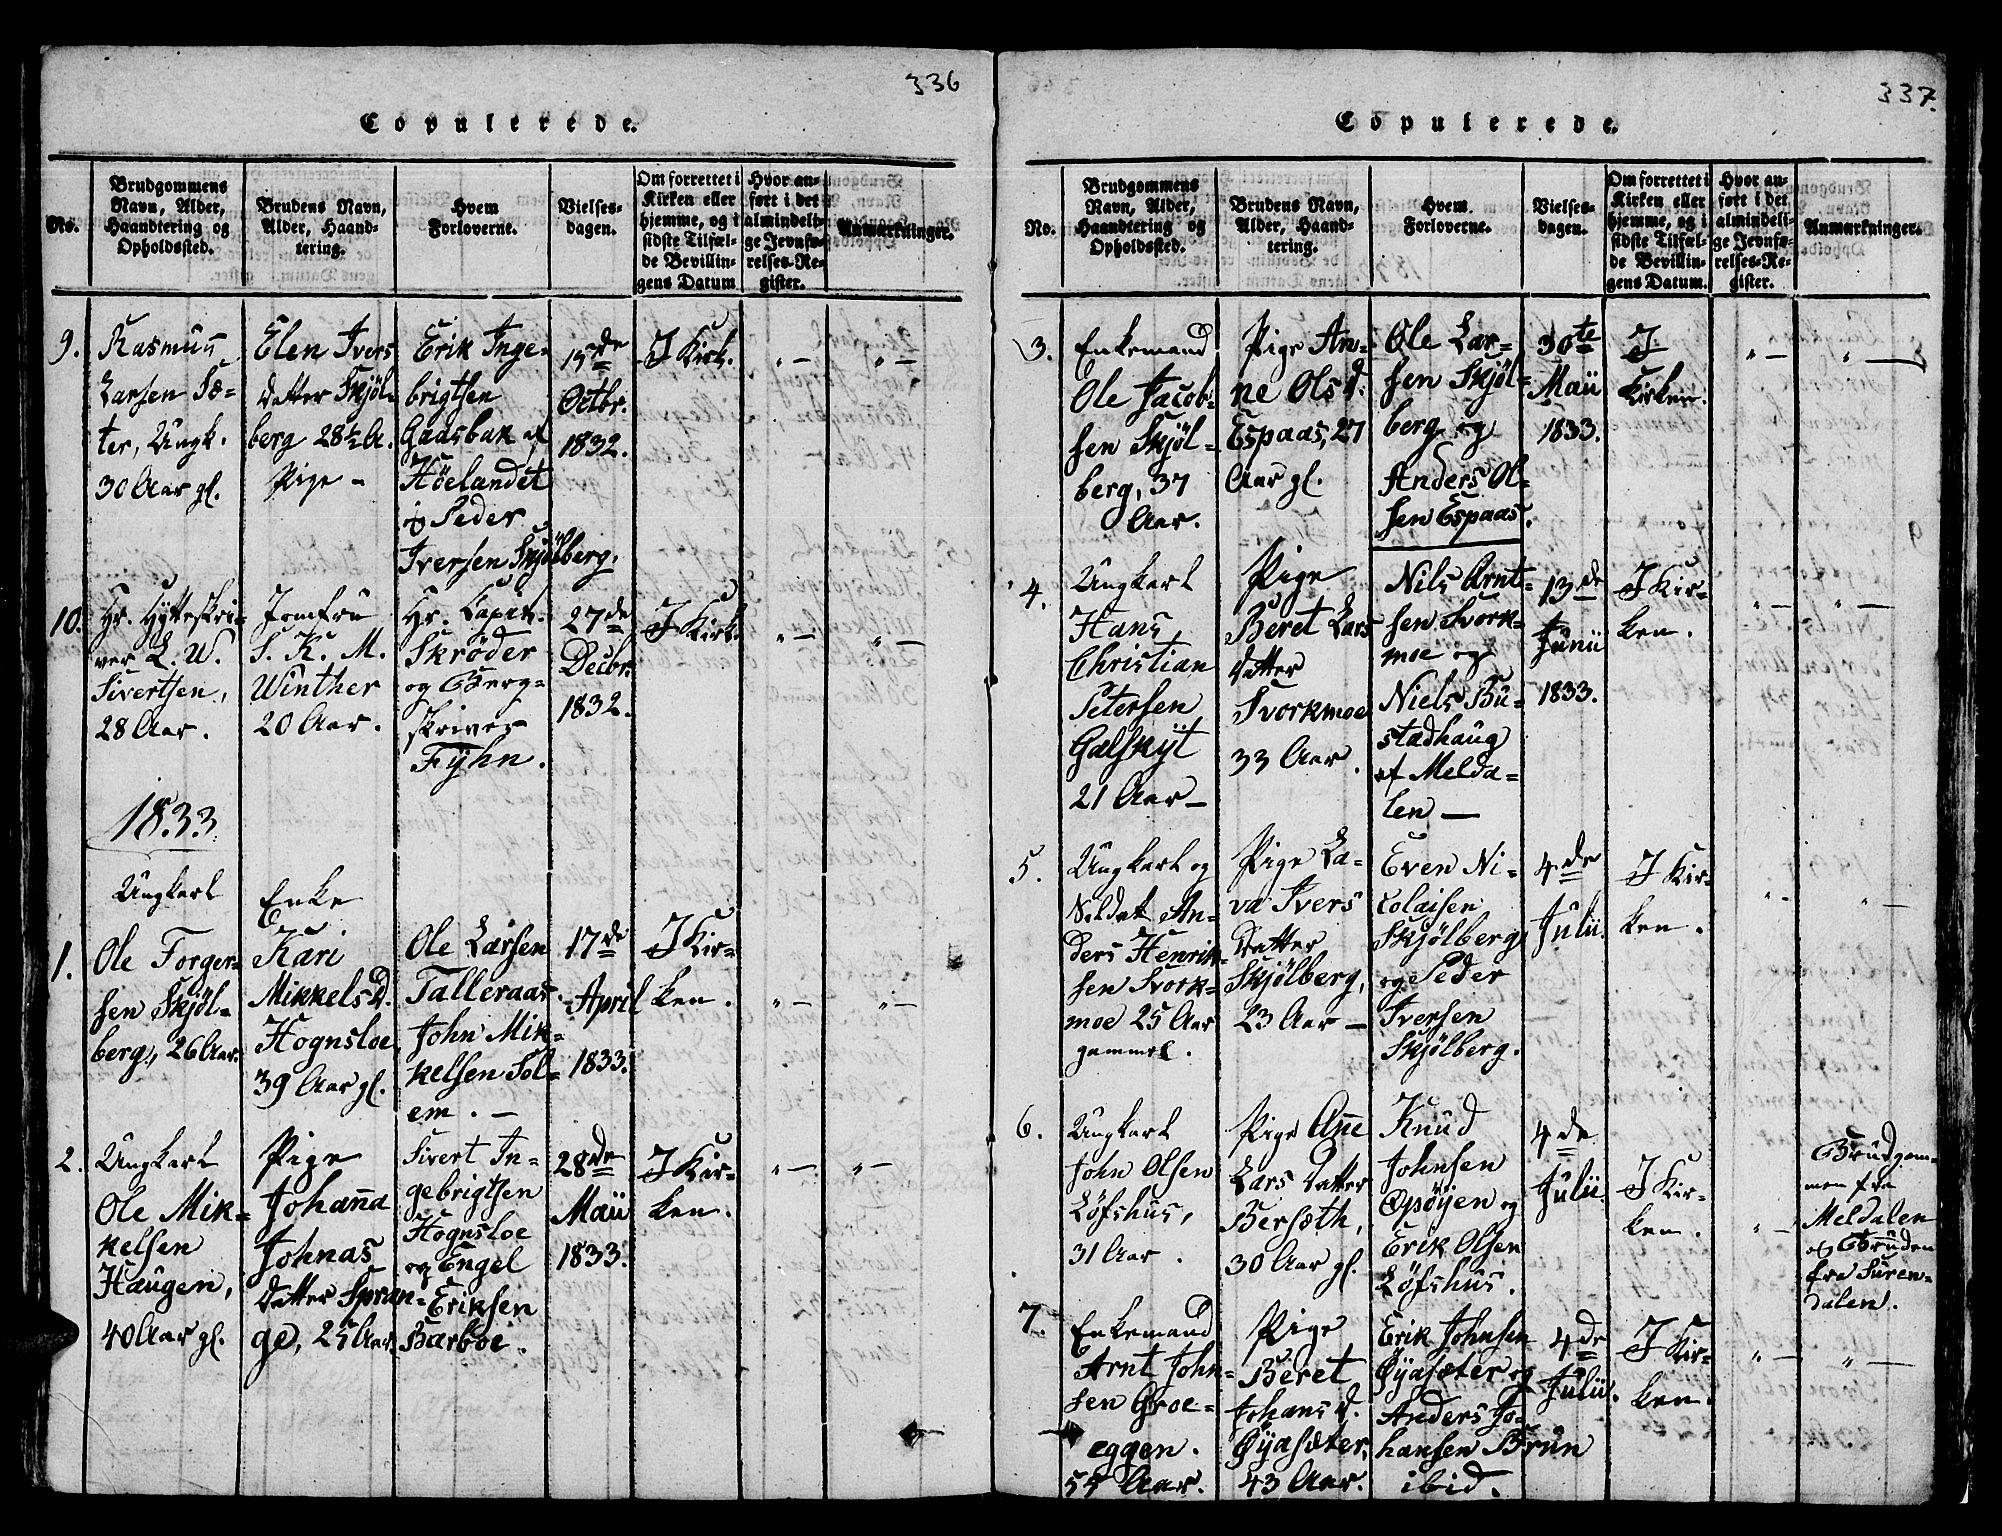 SAT, Ministerialprotokoller, klokkerbøker og fødselsregistre - Sør-Trøndelag, 671/L0842: Klokkerbok nr. 671C01, 1816-1867, s. 336-337